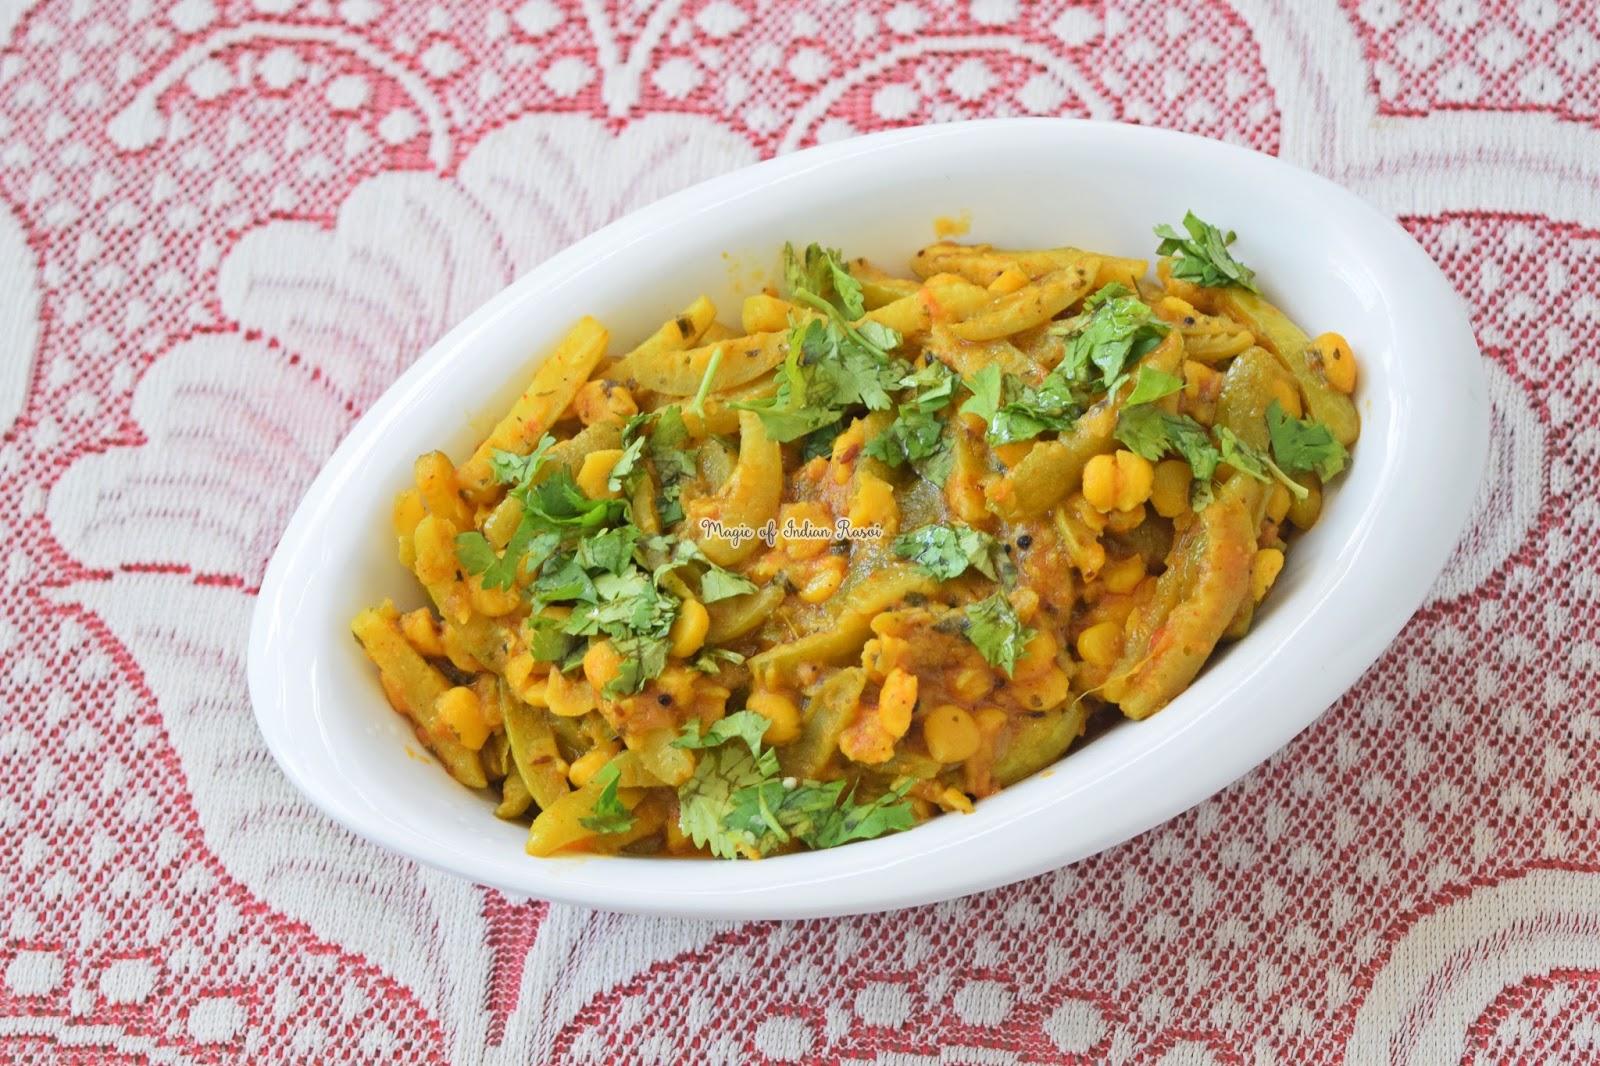 Tindora Chana Dal Nu Shaak - Tendli Chana Daal Sabji - टिंडोरा चाना दाल नु शाक रेसिपी - Priya R - Magic of Indian Rasoi